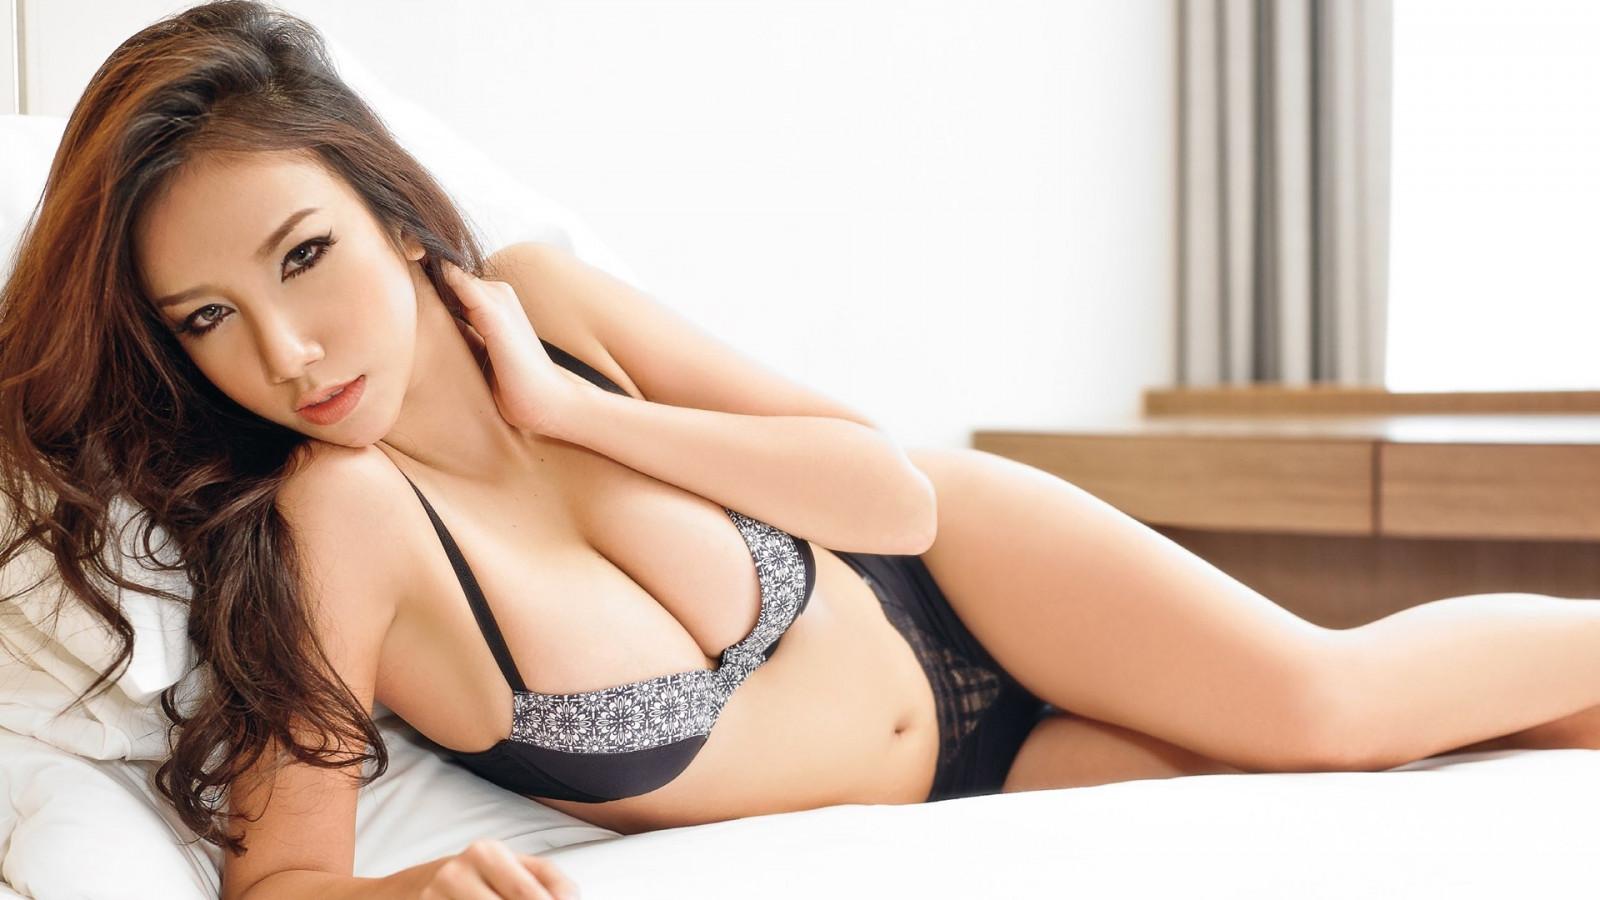 самые красивые китаянки в нижнем белье зашла больницу